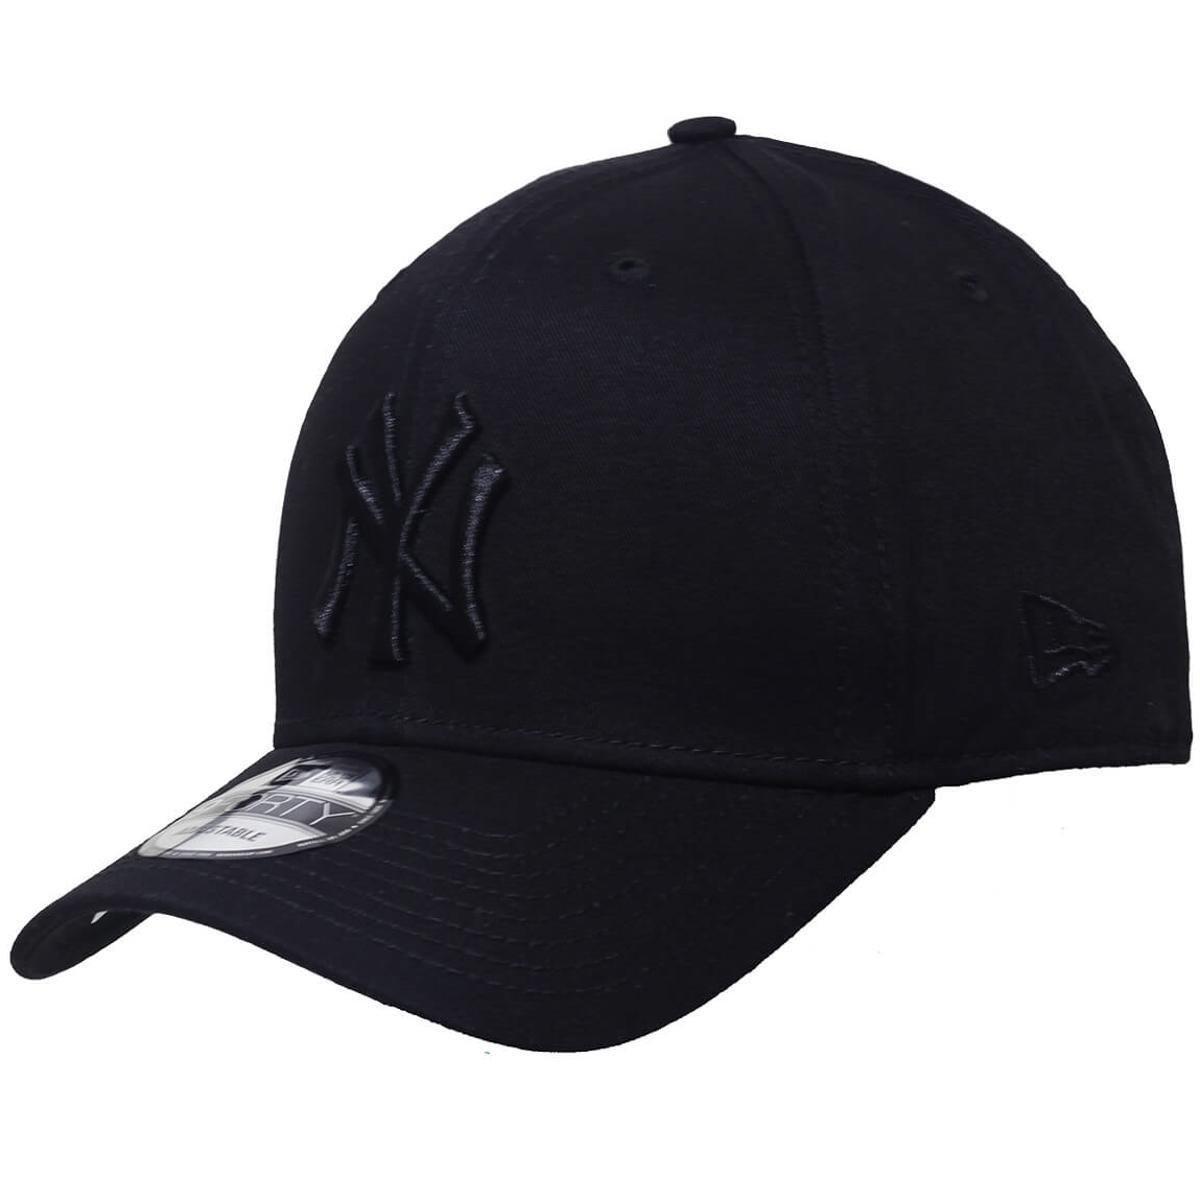 Boné New Era Aba Curva Snapback Mlb Ny Yankees Bla - Compre Agora ... 0646cae44d0